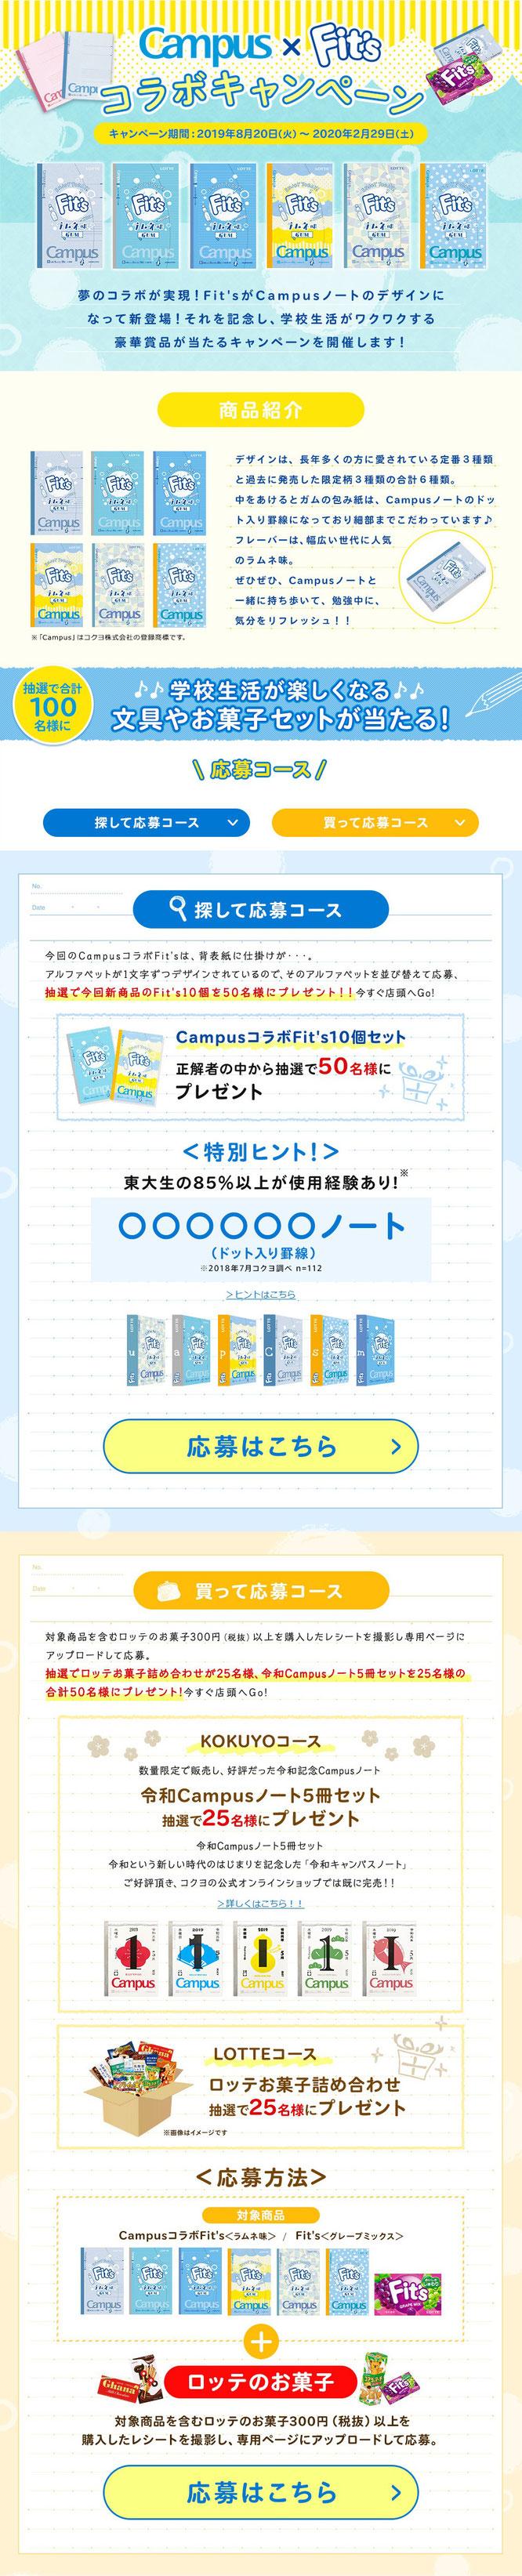 【ロッテ】Fit's コクヨCampusコラボキャンペーン